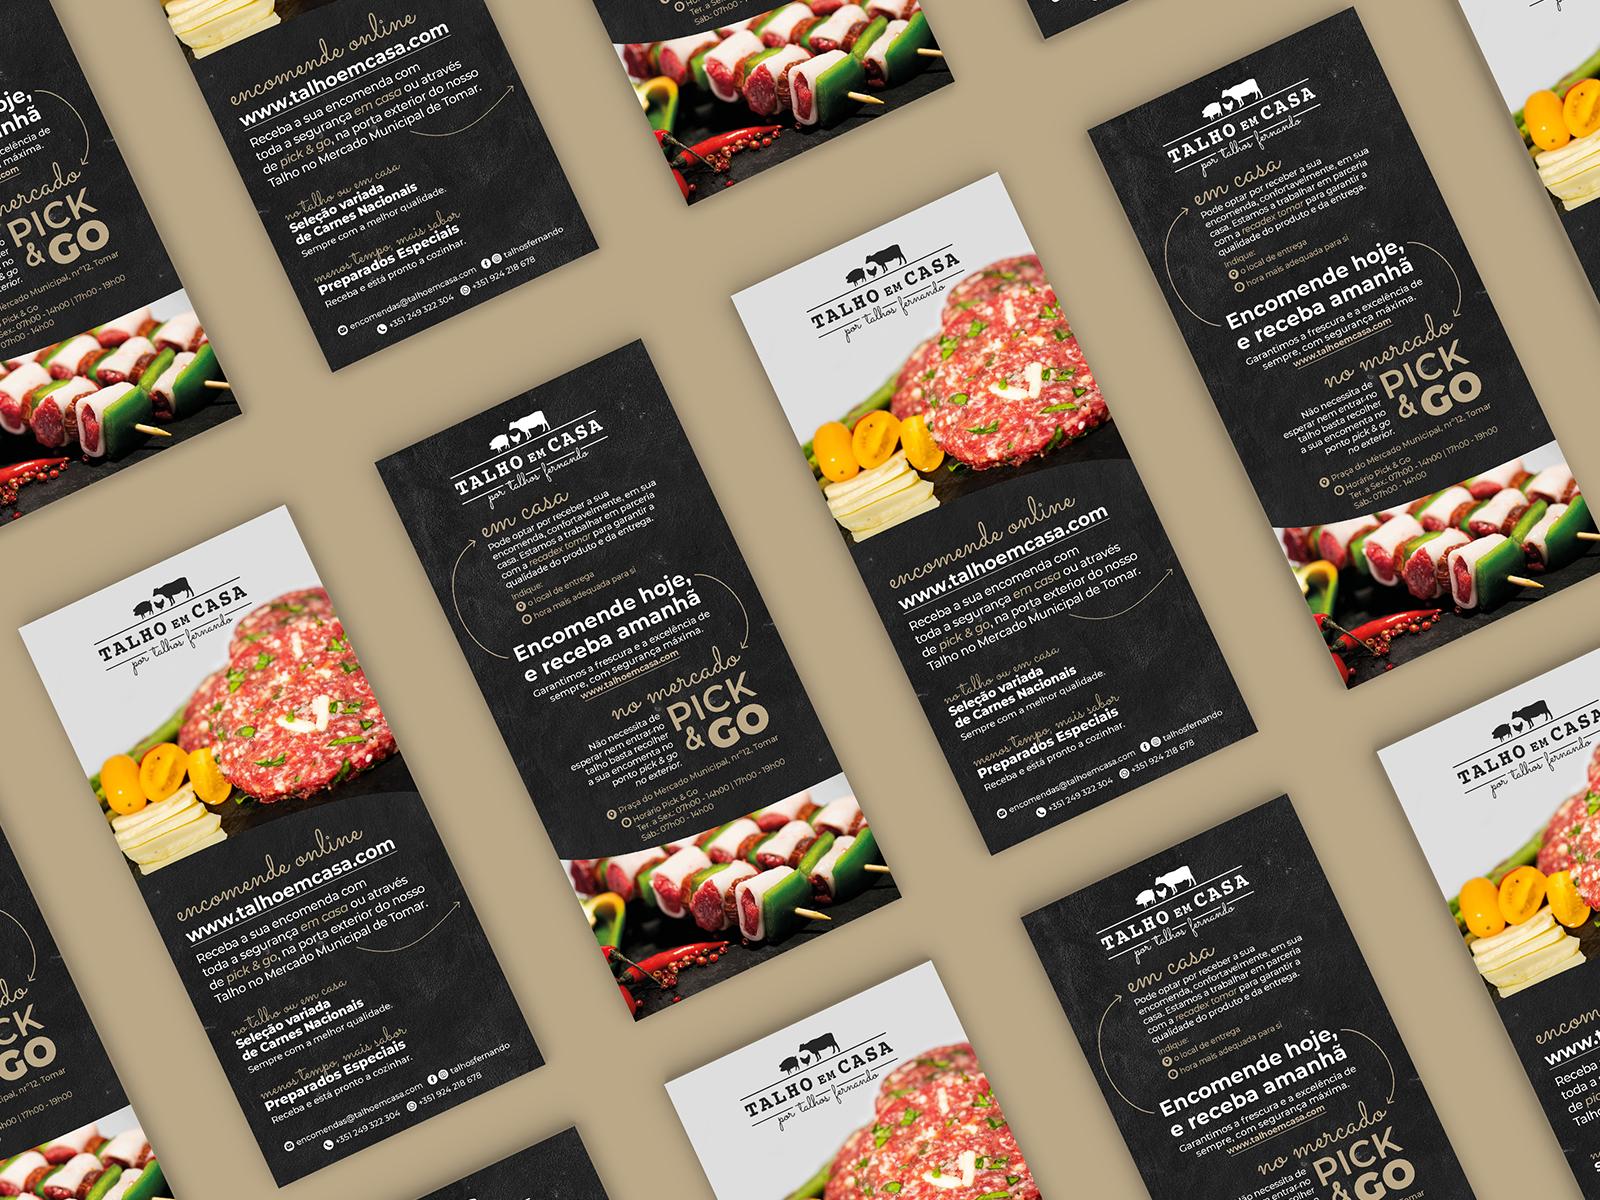 talhos fernado design flyers publicidade marketing tomar next solution agencia de comunicação